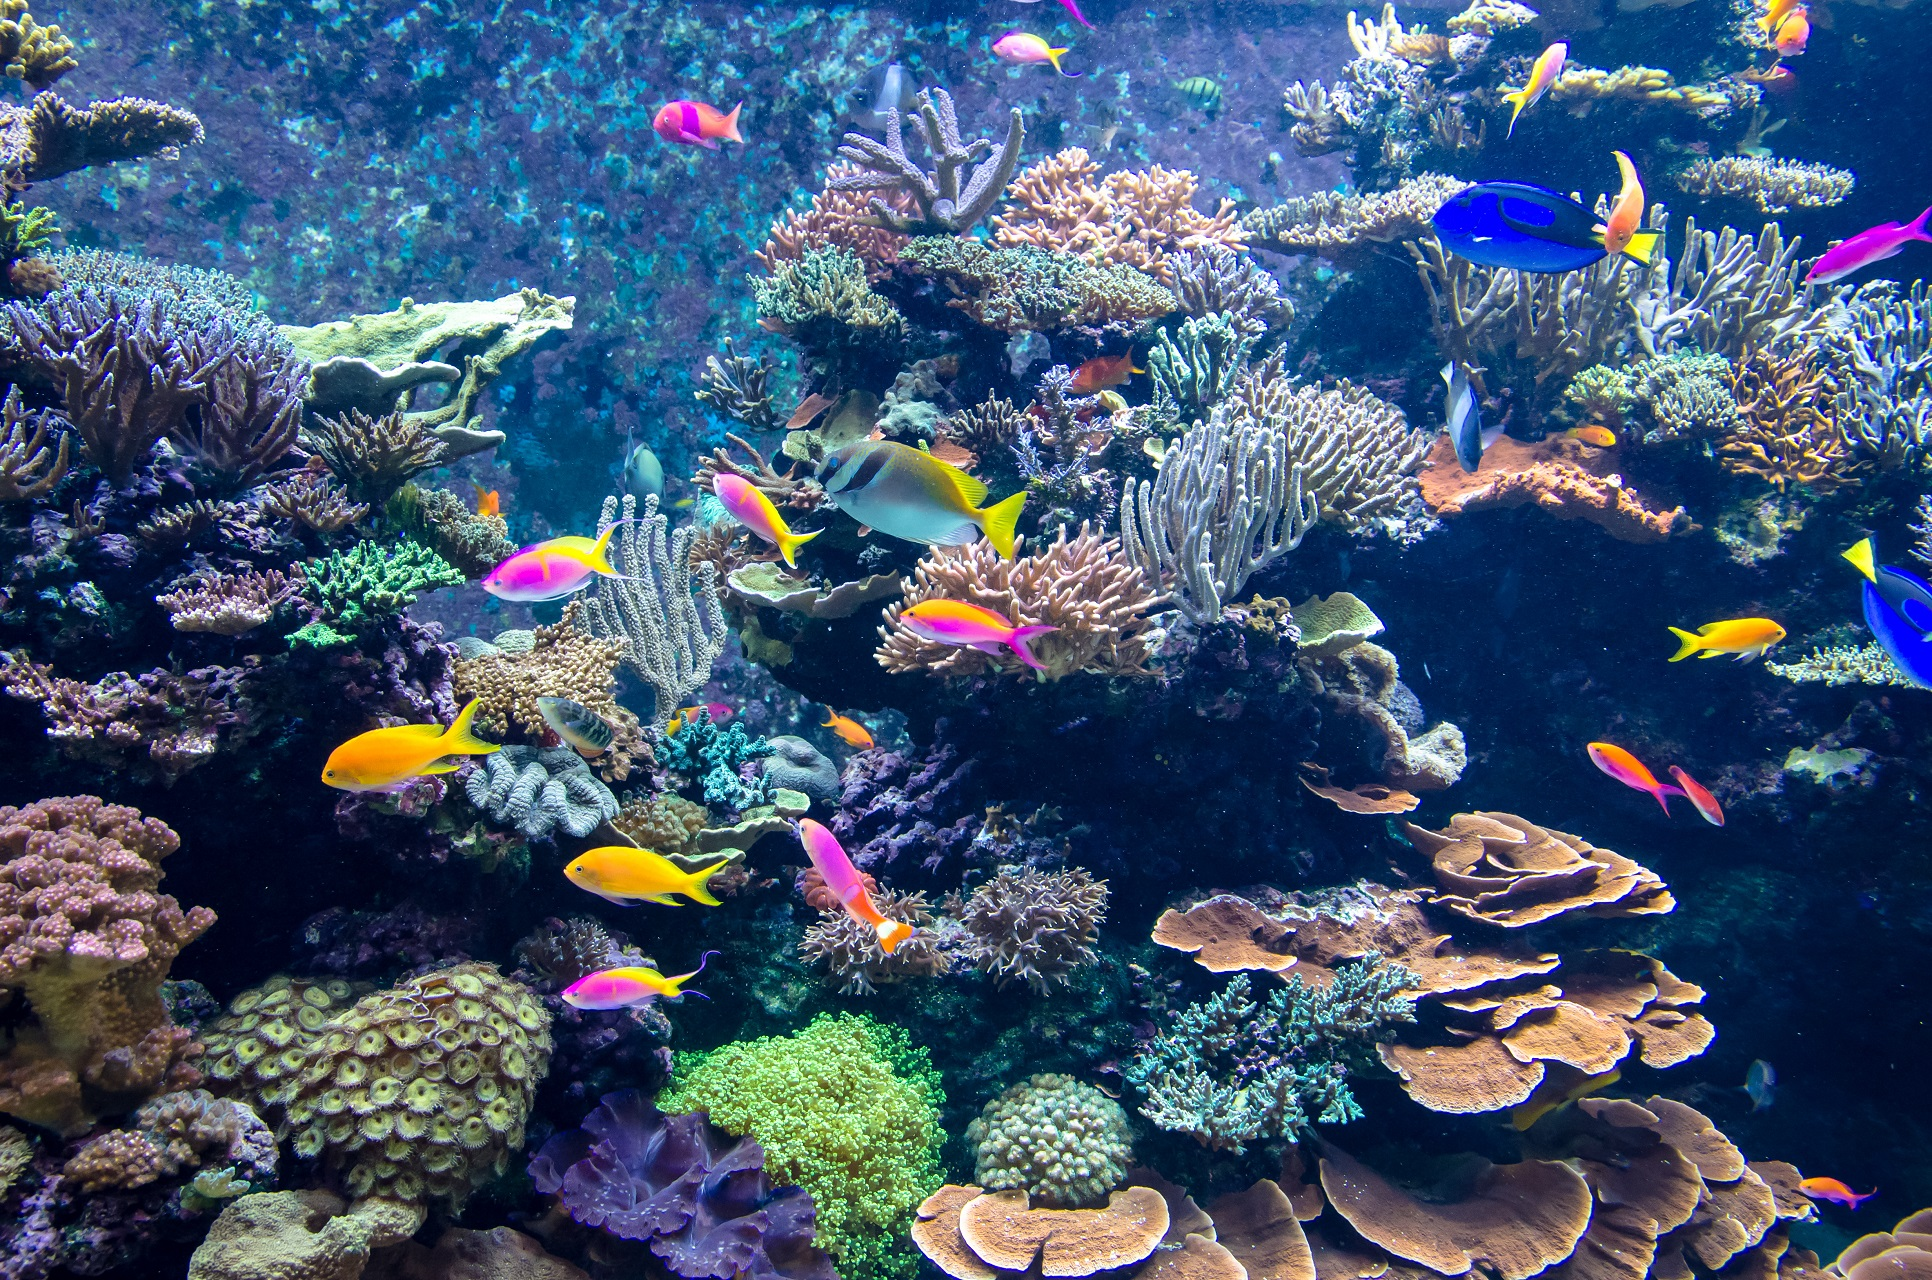 Das Aquarium am Flughafen von Vancouver.